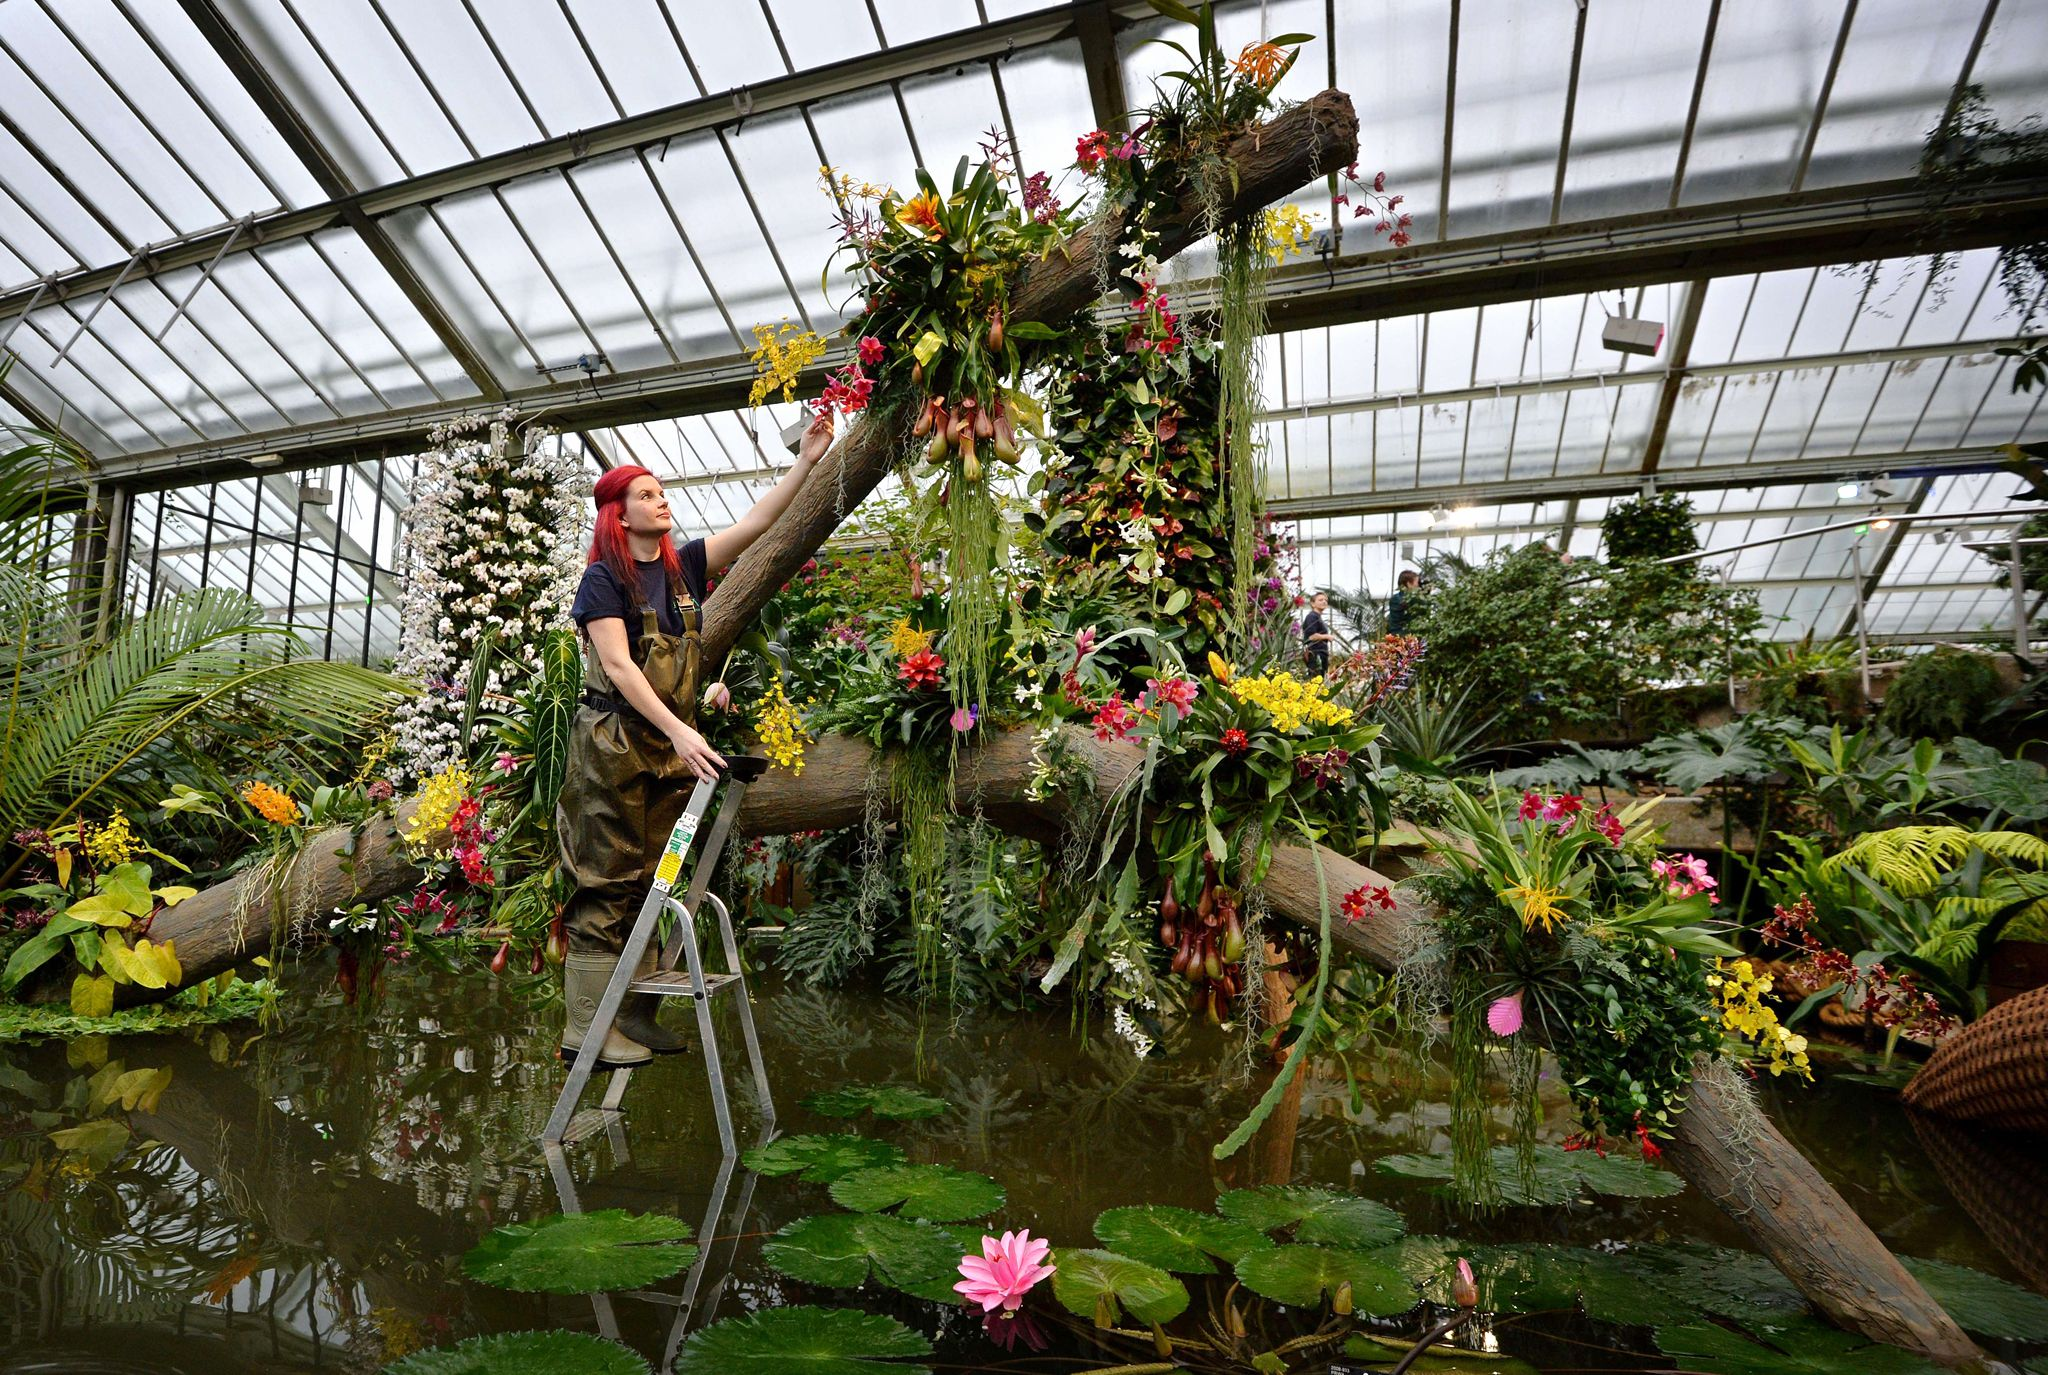 Где на метро тимирязевская находится оранжерея чтобы купить цветы